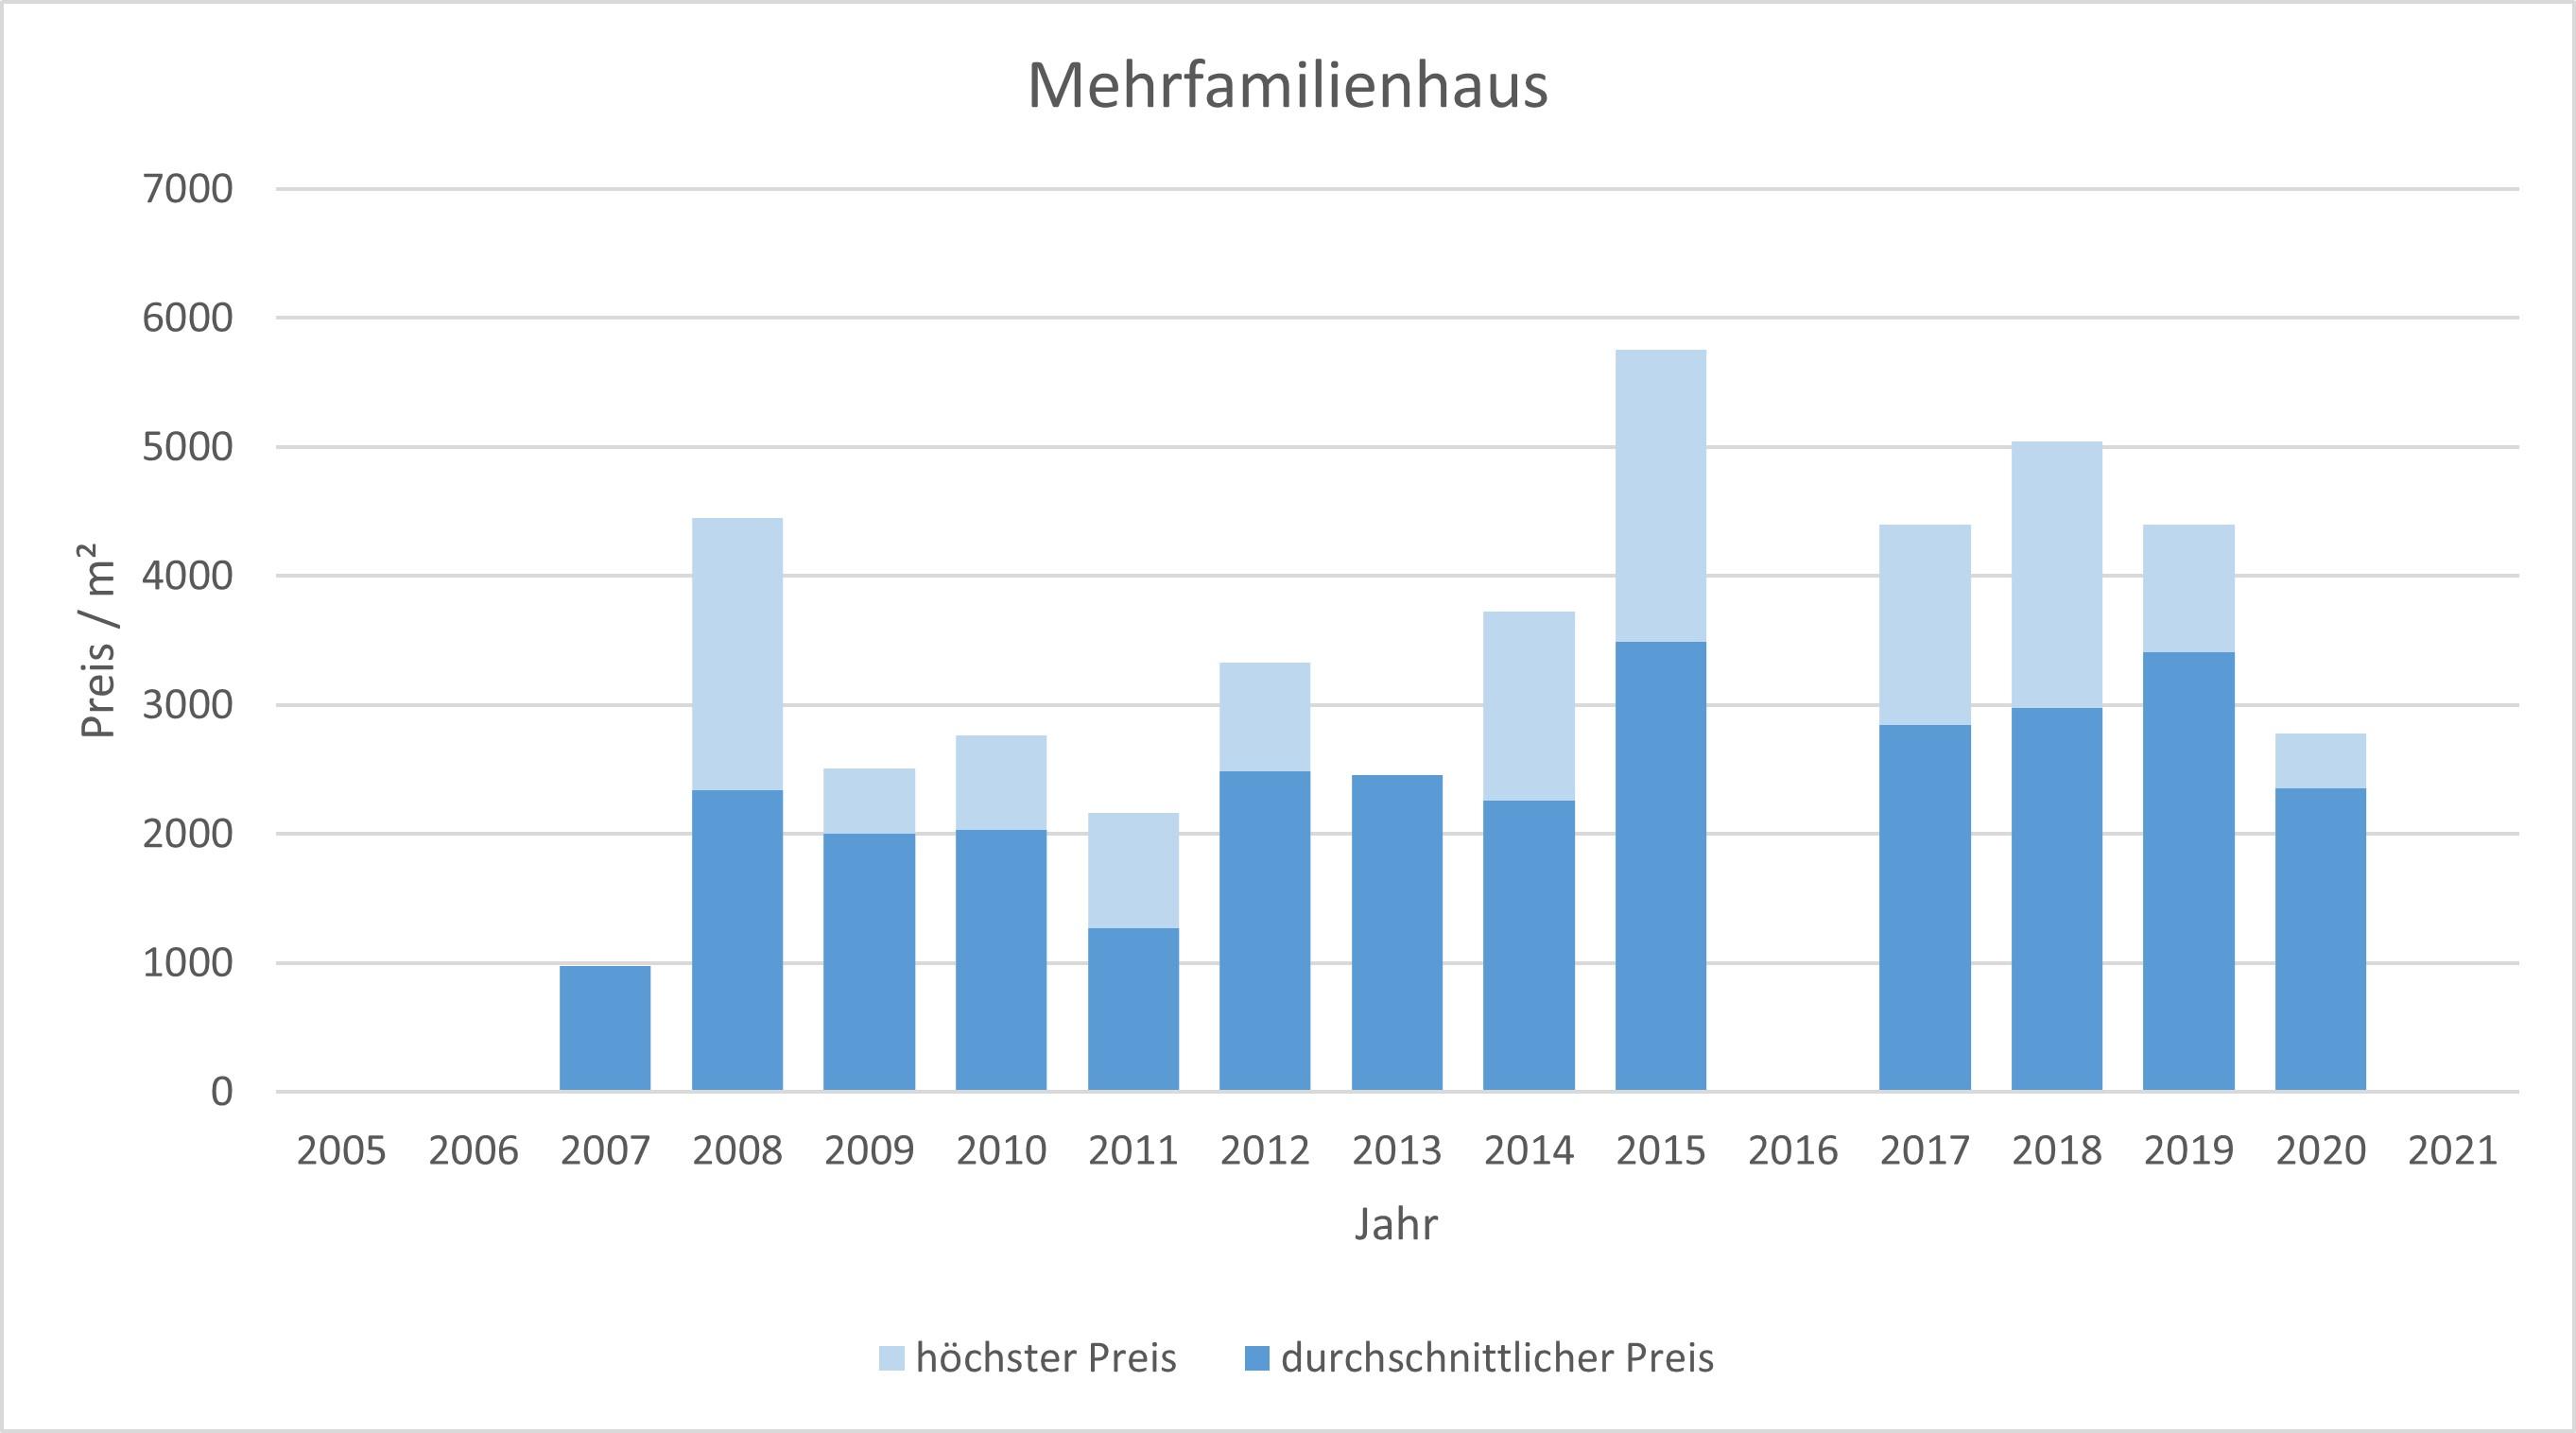 Fischbachau Mehrfamilienhaus kaufen verkaufen Preis Bewertung Makler 2019 2020 2021  www.happy-immo.de